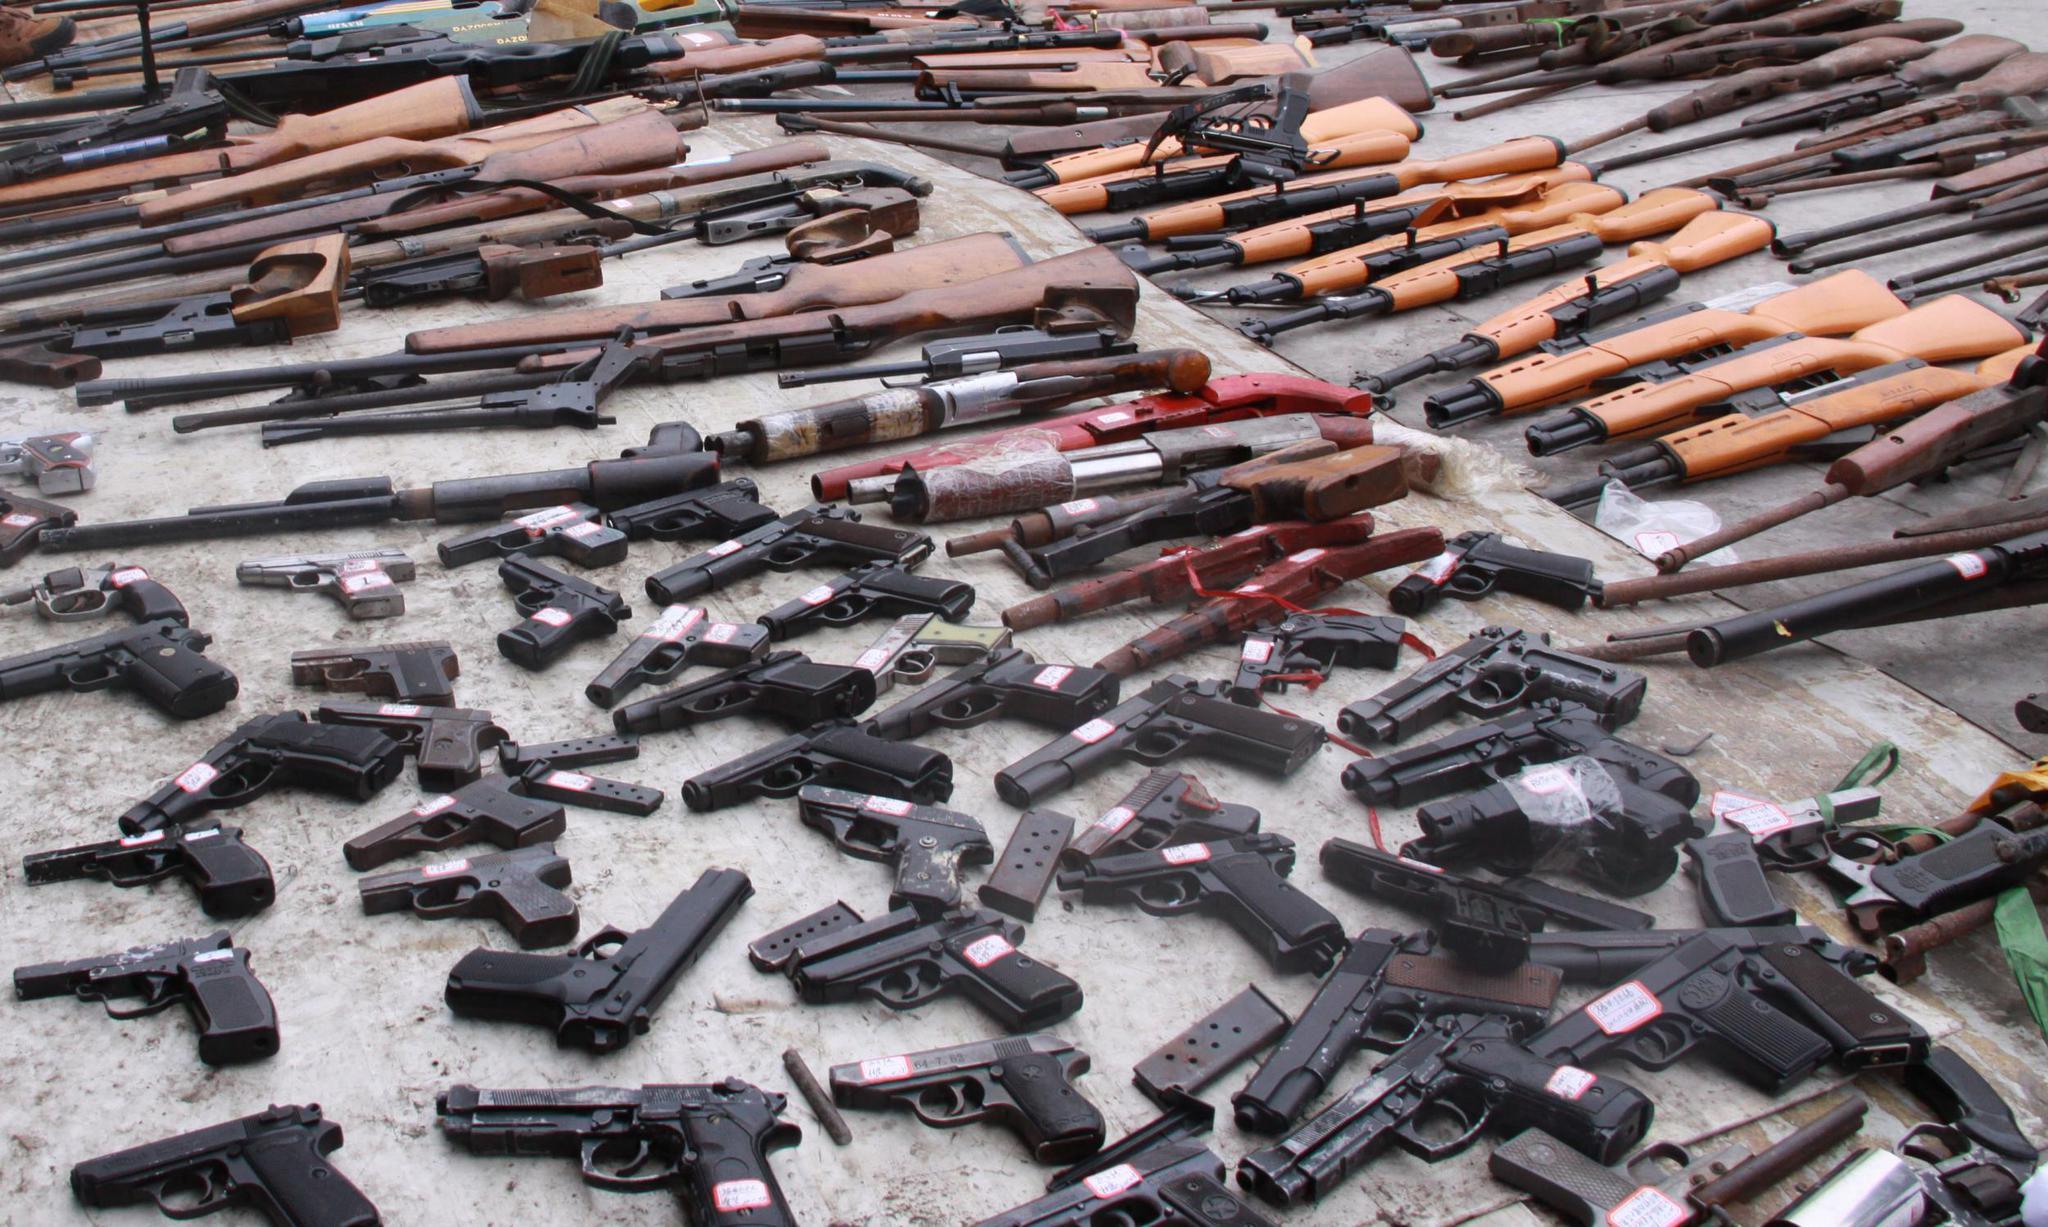 杭州警方通告:非法枪支弹药 6月底前上交从轻处罚